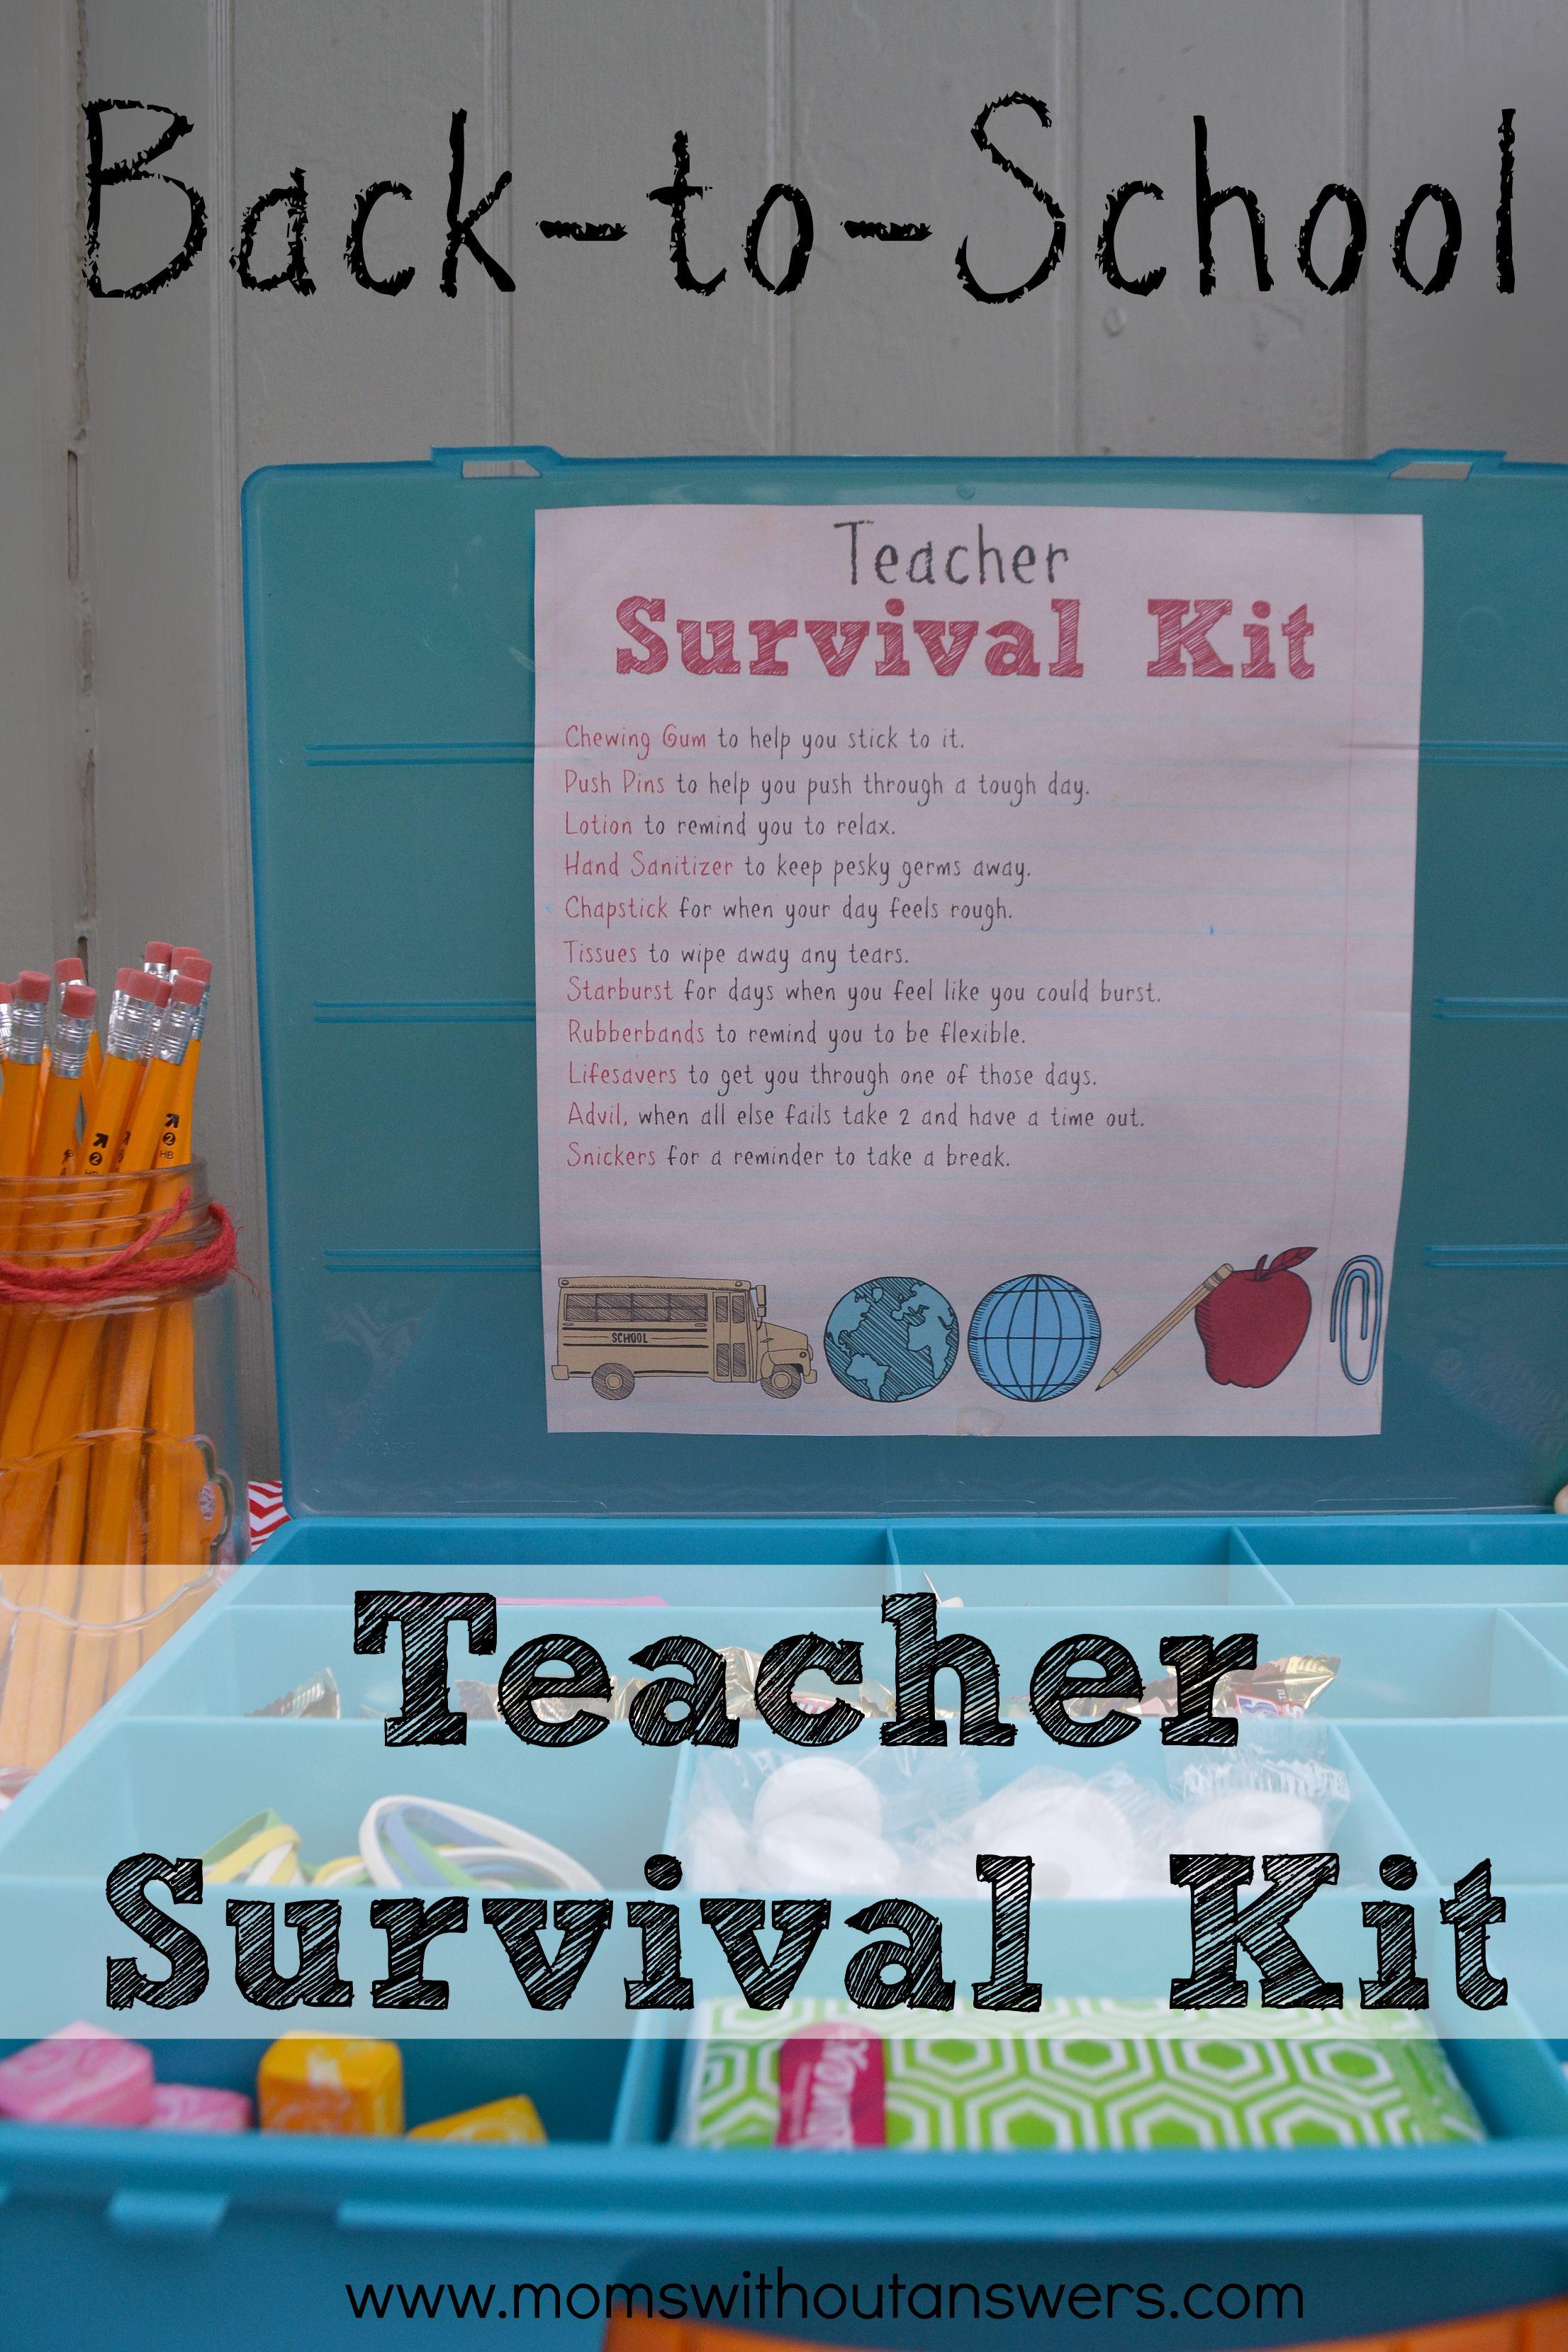 Teacher Gift, Back to school teacher survival kit